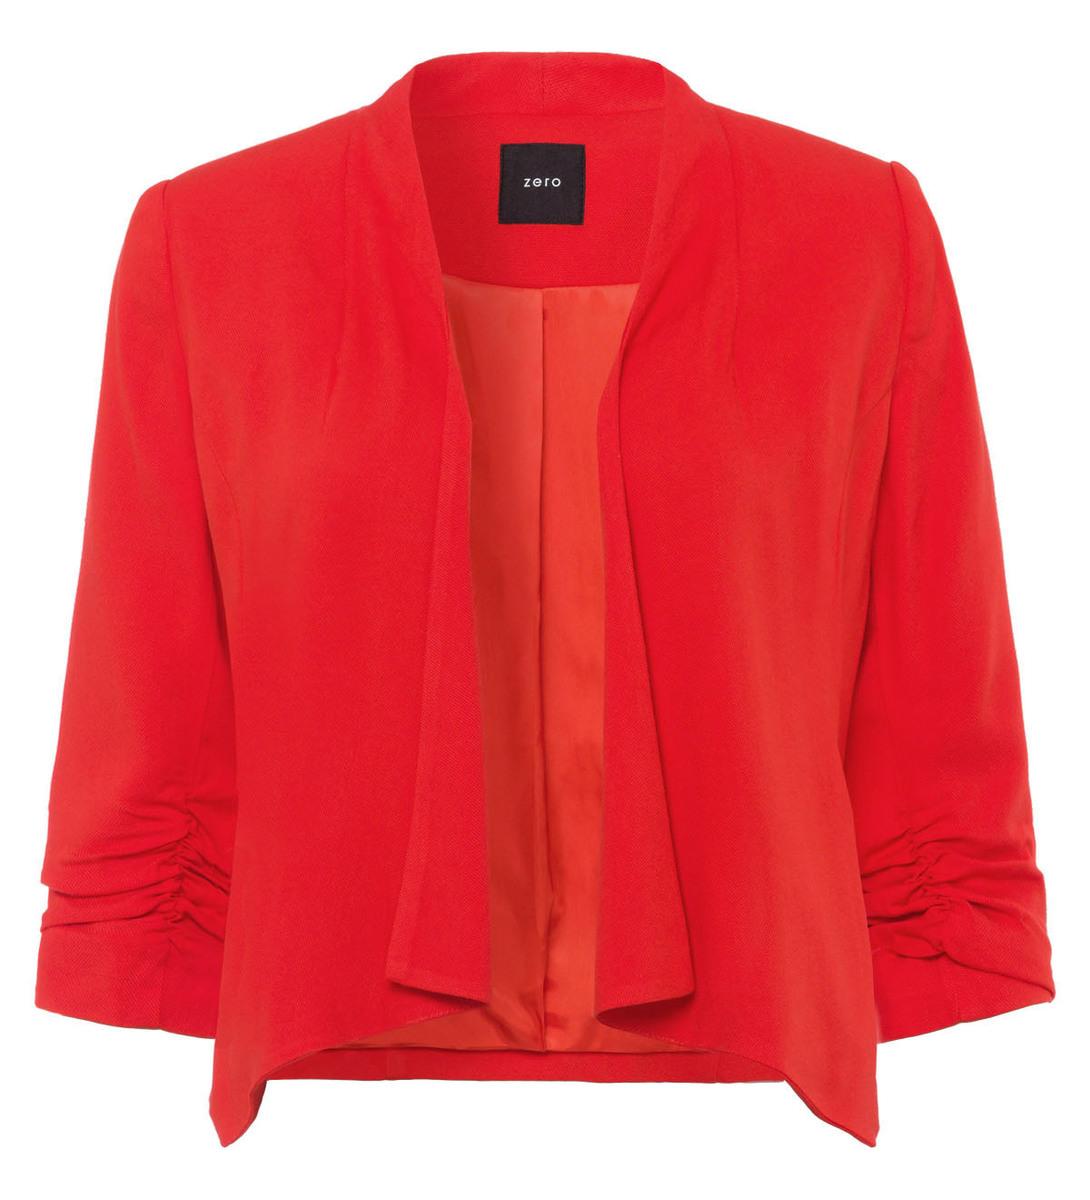 Blazer mit 3/4-Ärmeln in orange red